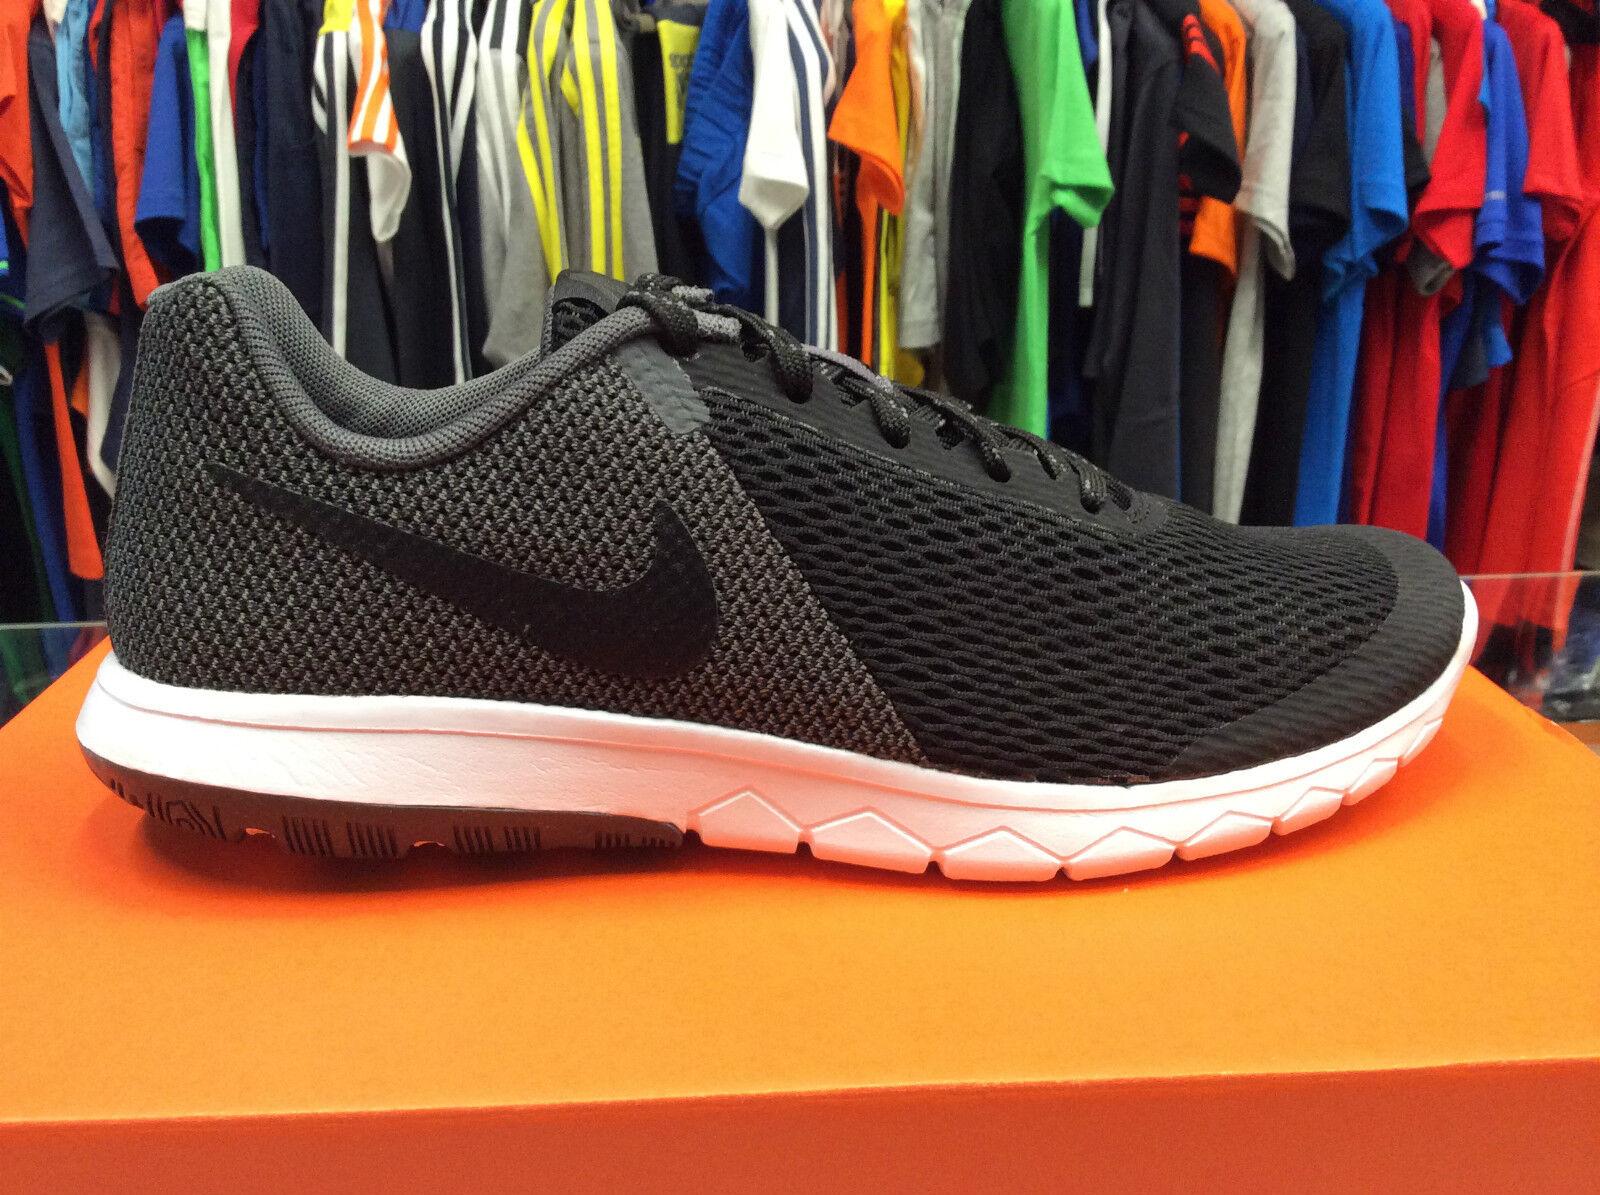 Uomini in 844514-002 flex esperienza rn5 scarpe nike